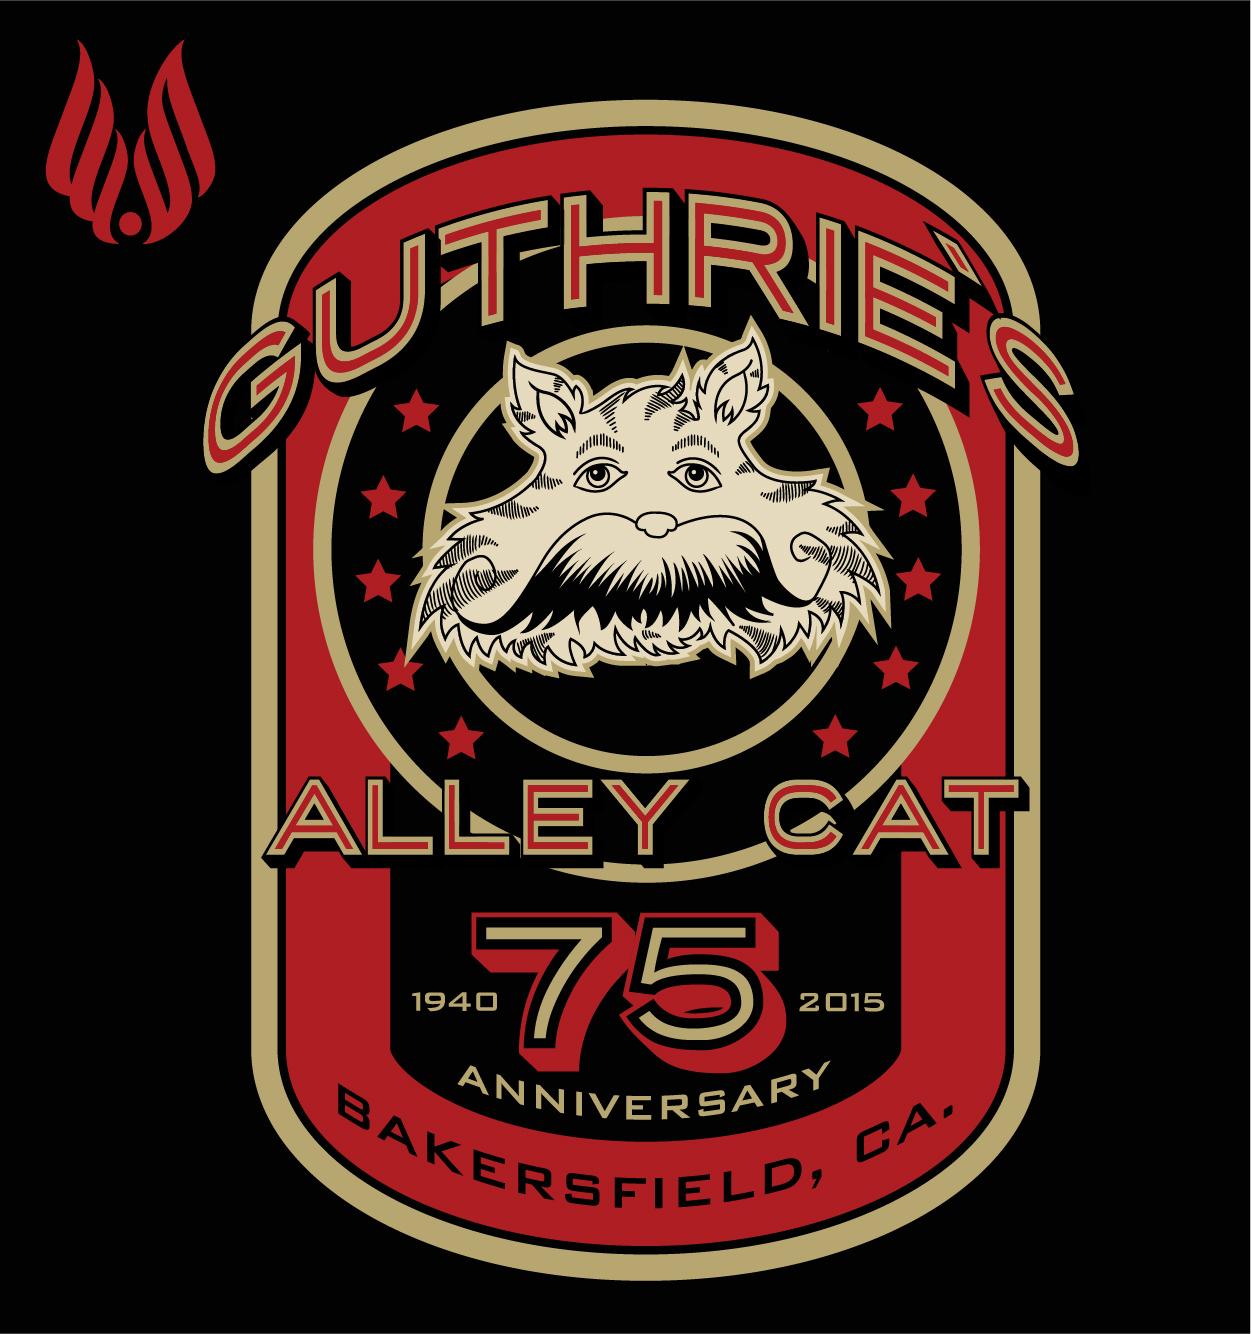 Guthries's Alley Cat